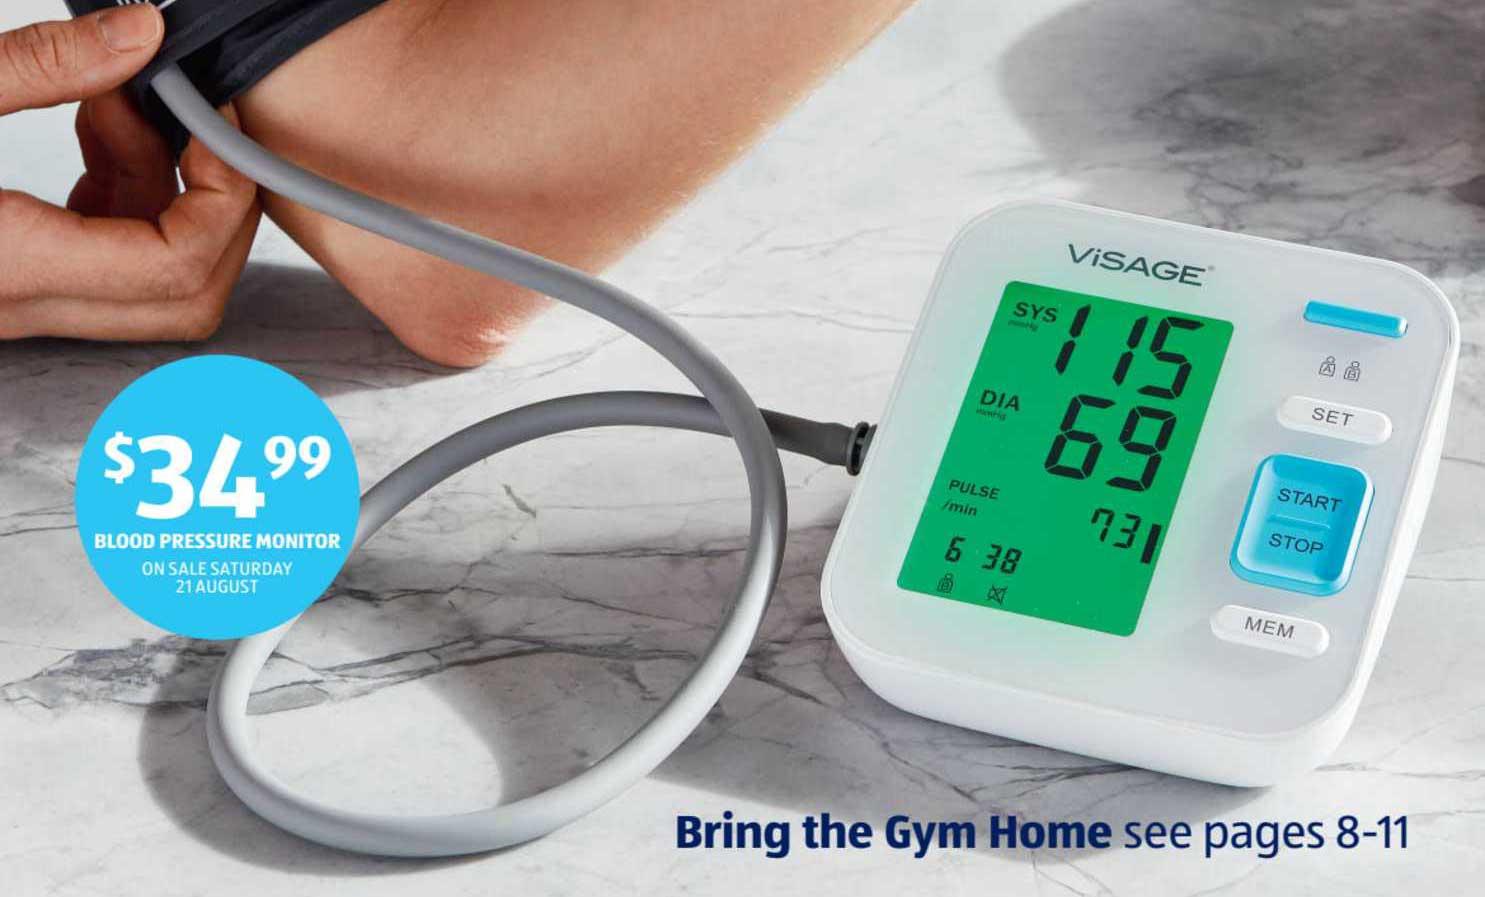 ALDI Blodd Pressure Monitor